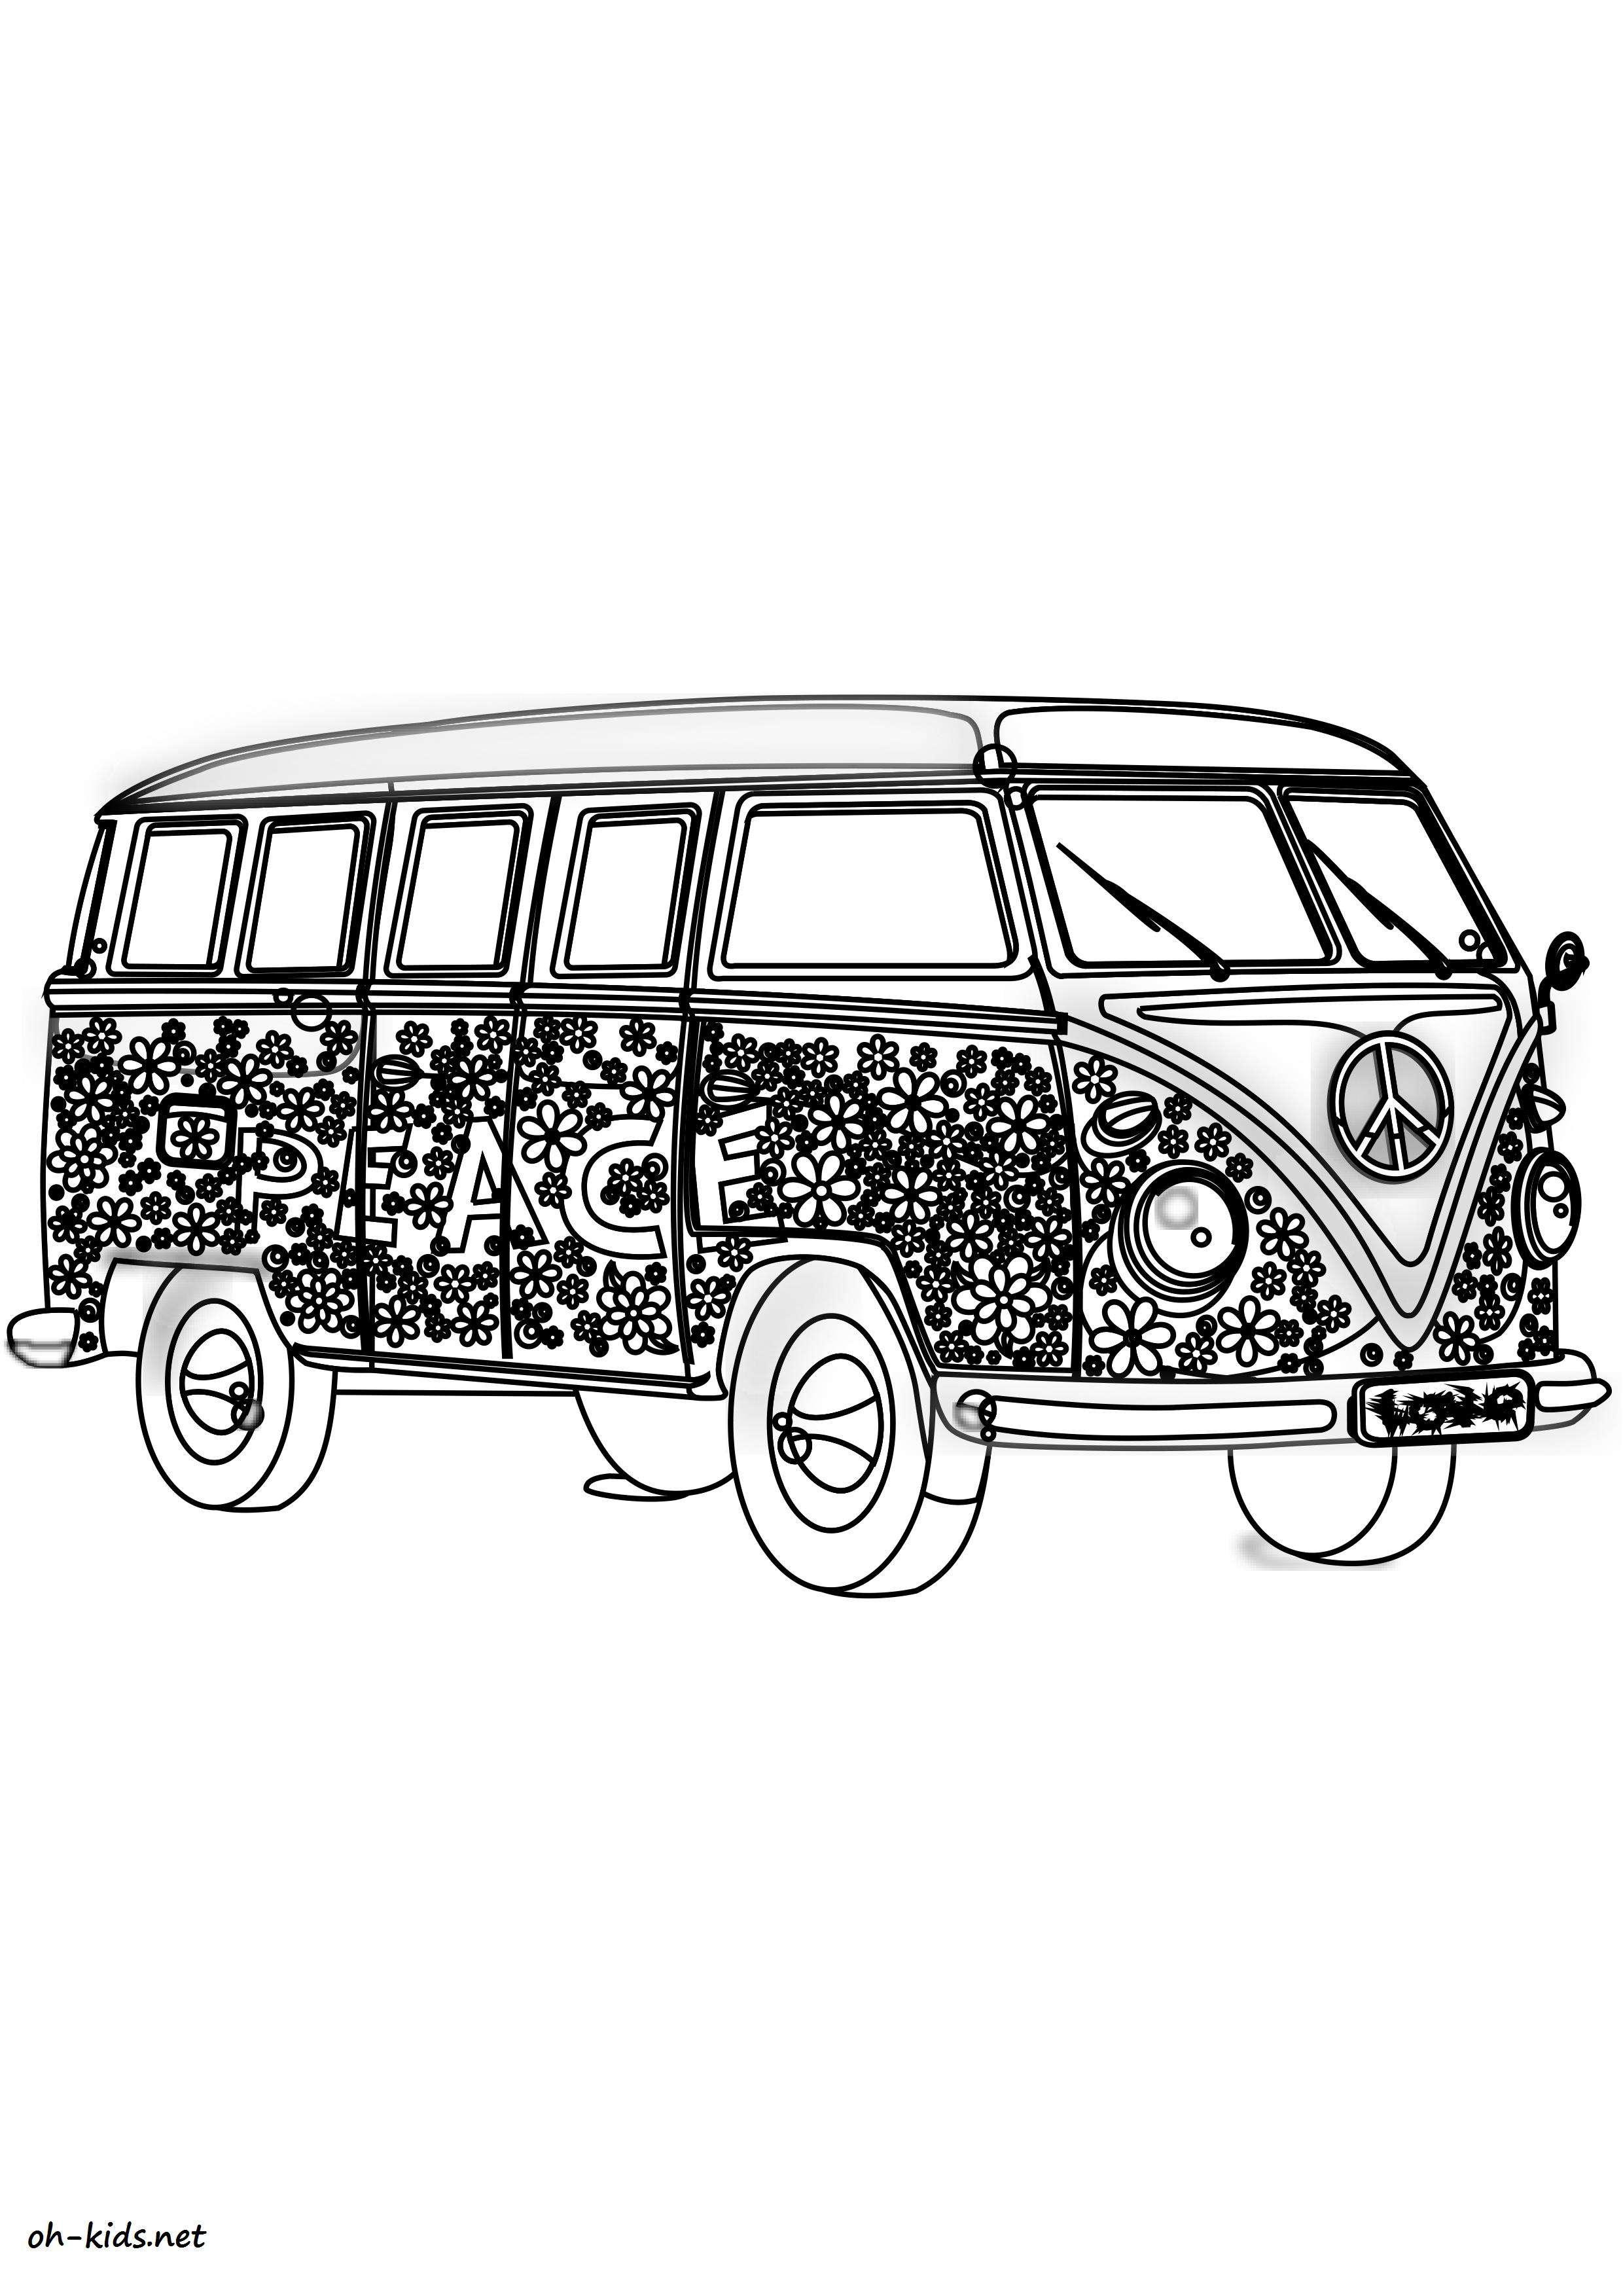 Coloriage autocar gratuit - Dessin #1404